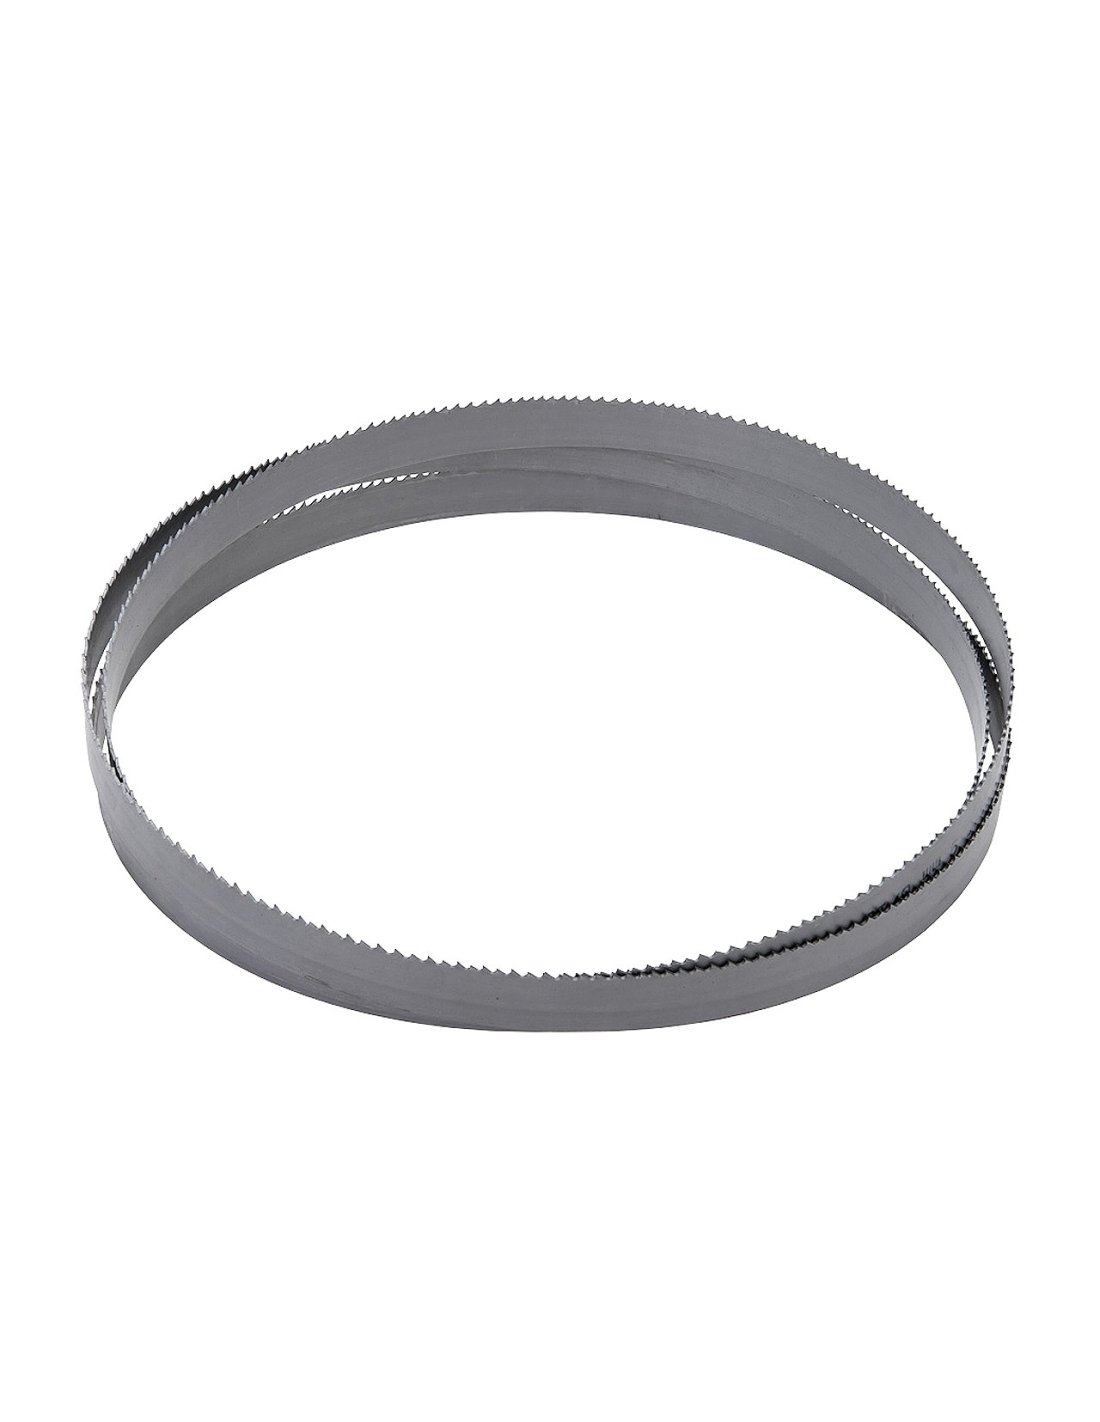 Panza pentru fierastrau cu banda M42 Bi-Metal 2520 x 6,40 x 0,90 mm - 14 TPI